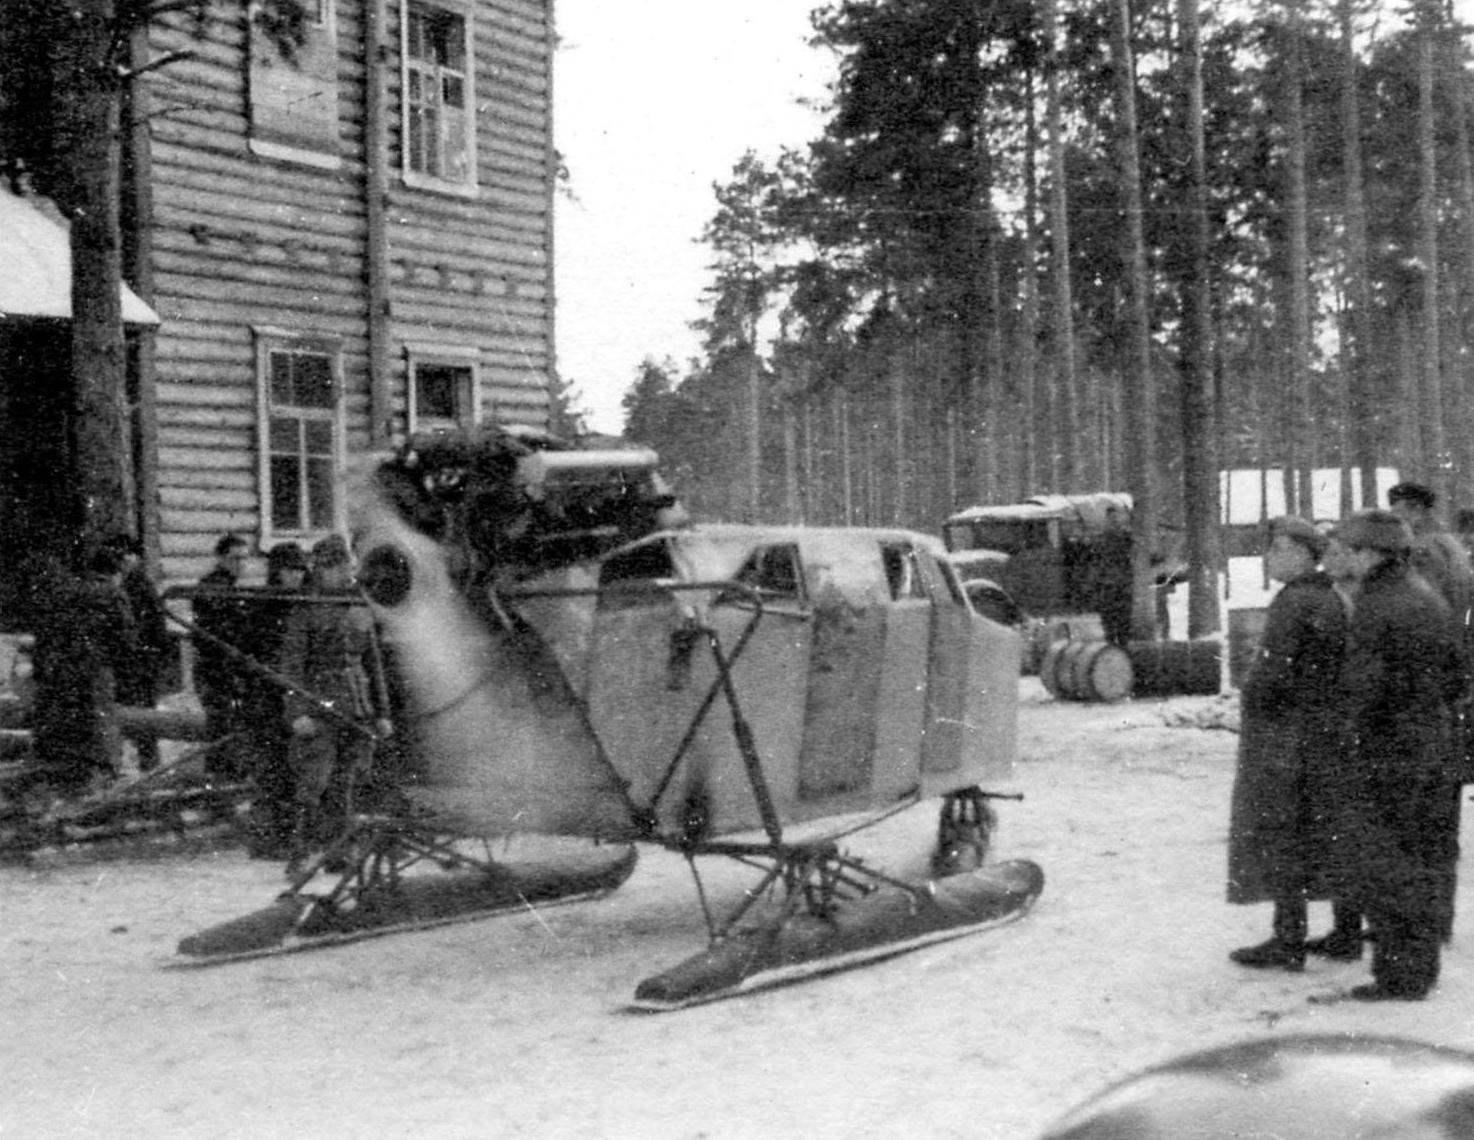 Аэросани, захваченные противником под Ленинградом